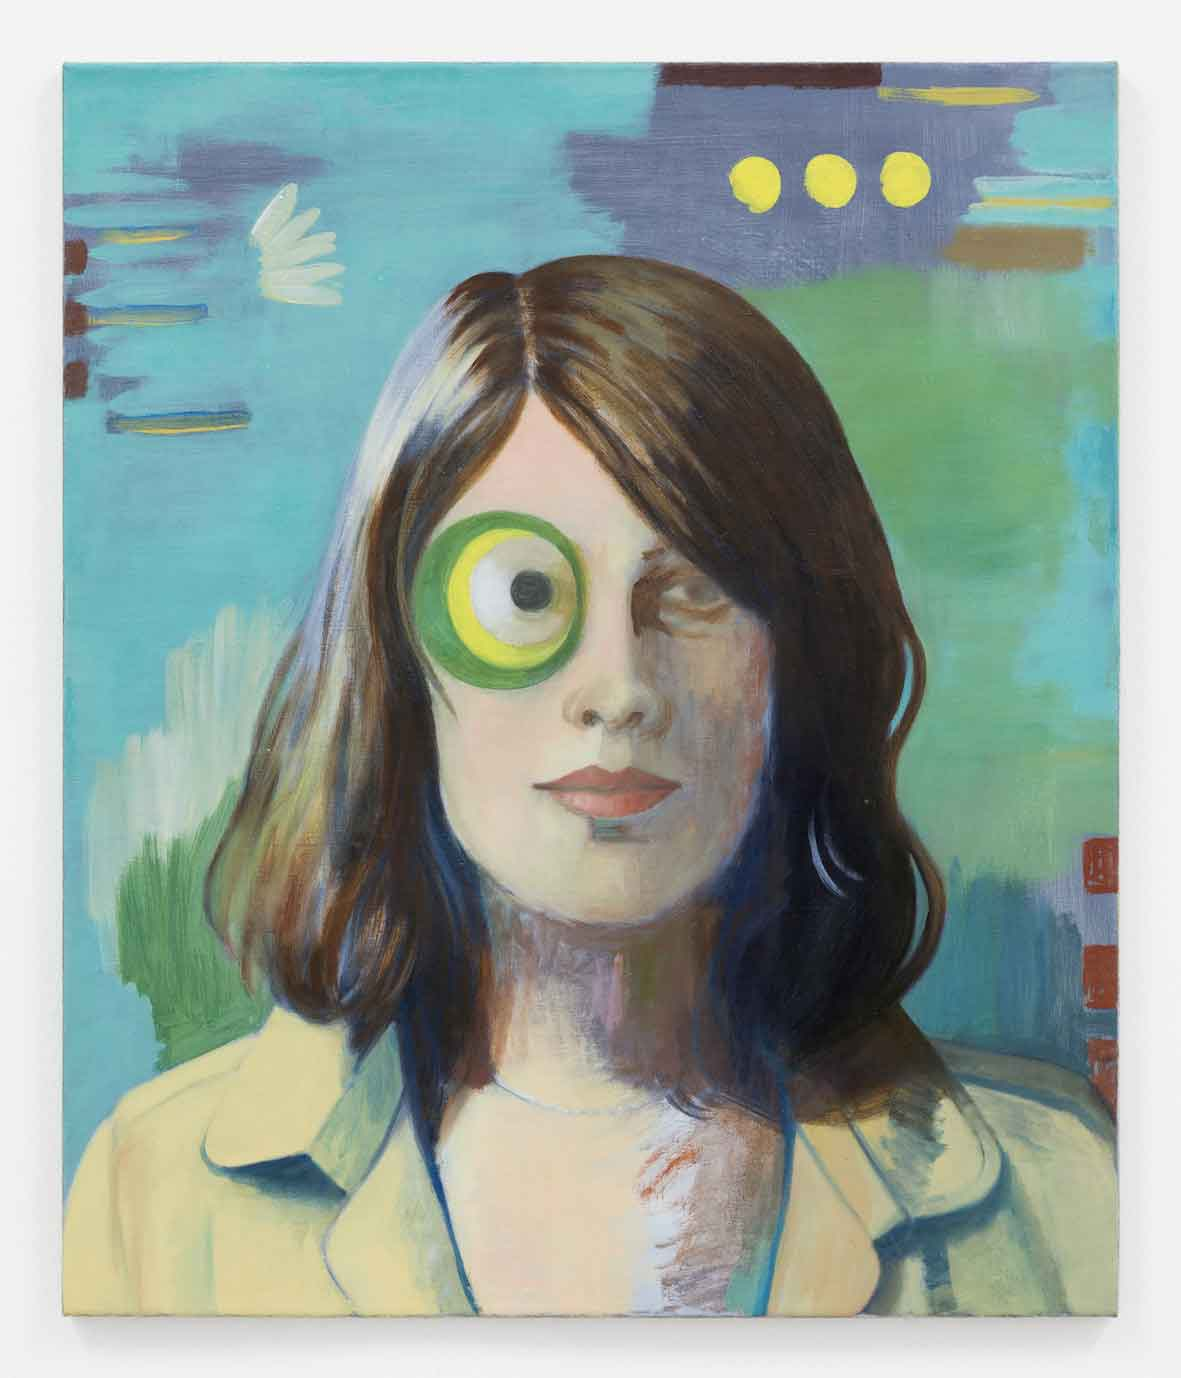 c-Birgit-Megerle_Galerie-Layr